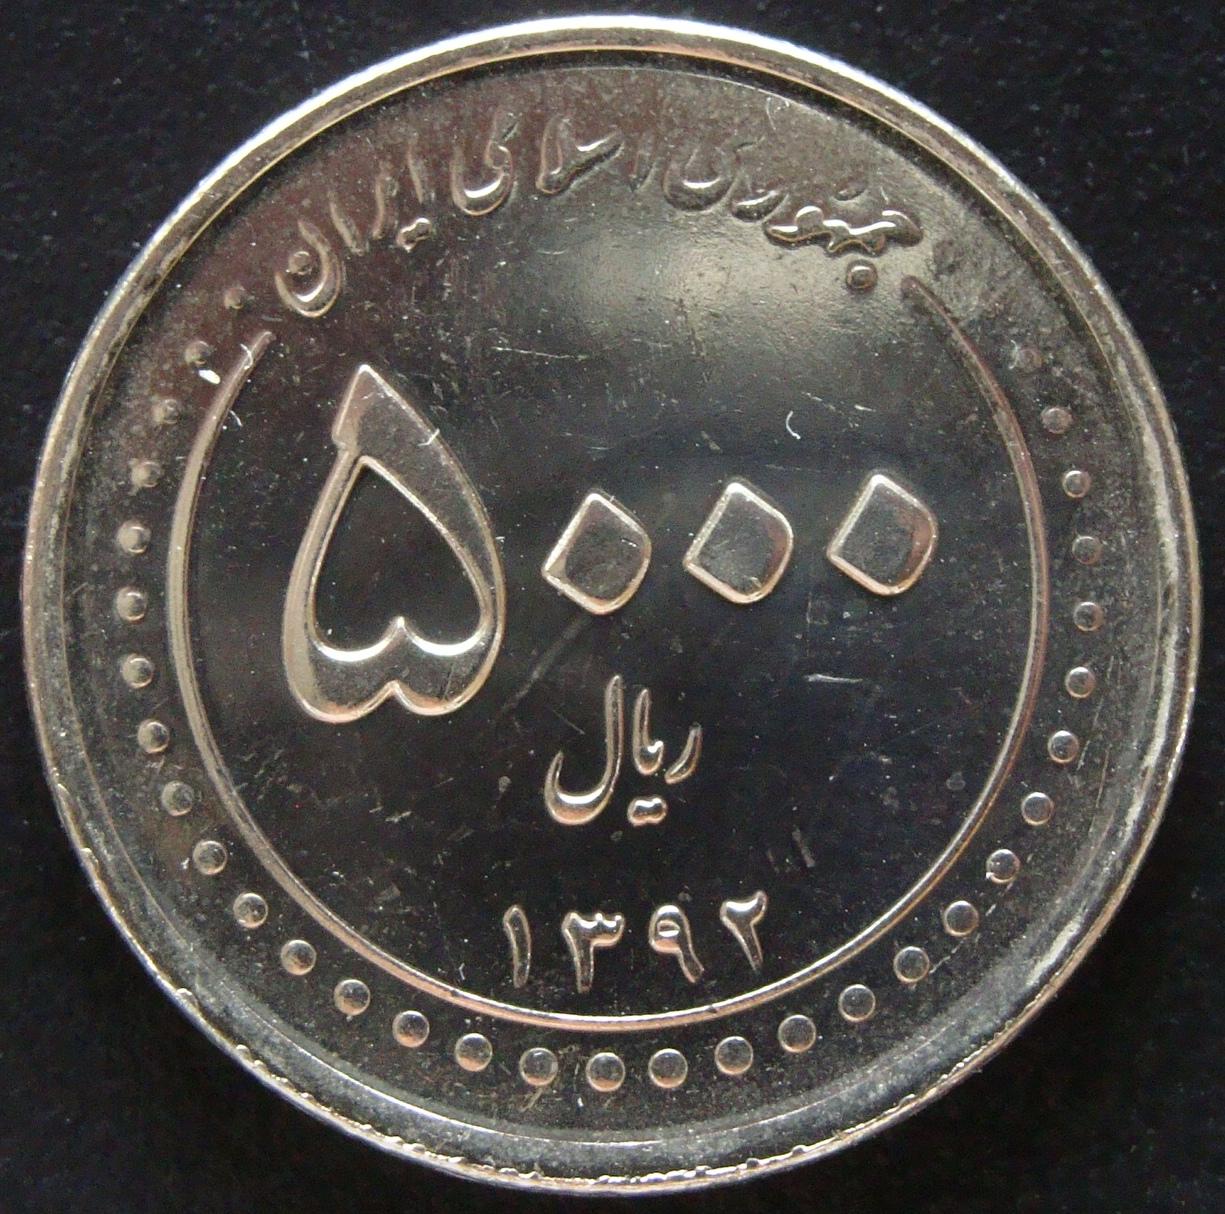 5000 Rials. Irán (2013). Santuario de Fatima Masumeh IRN_5000_Rial_2013_anv